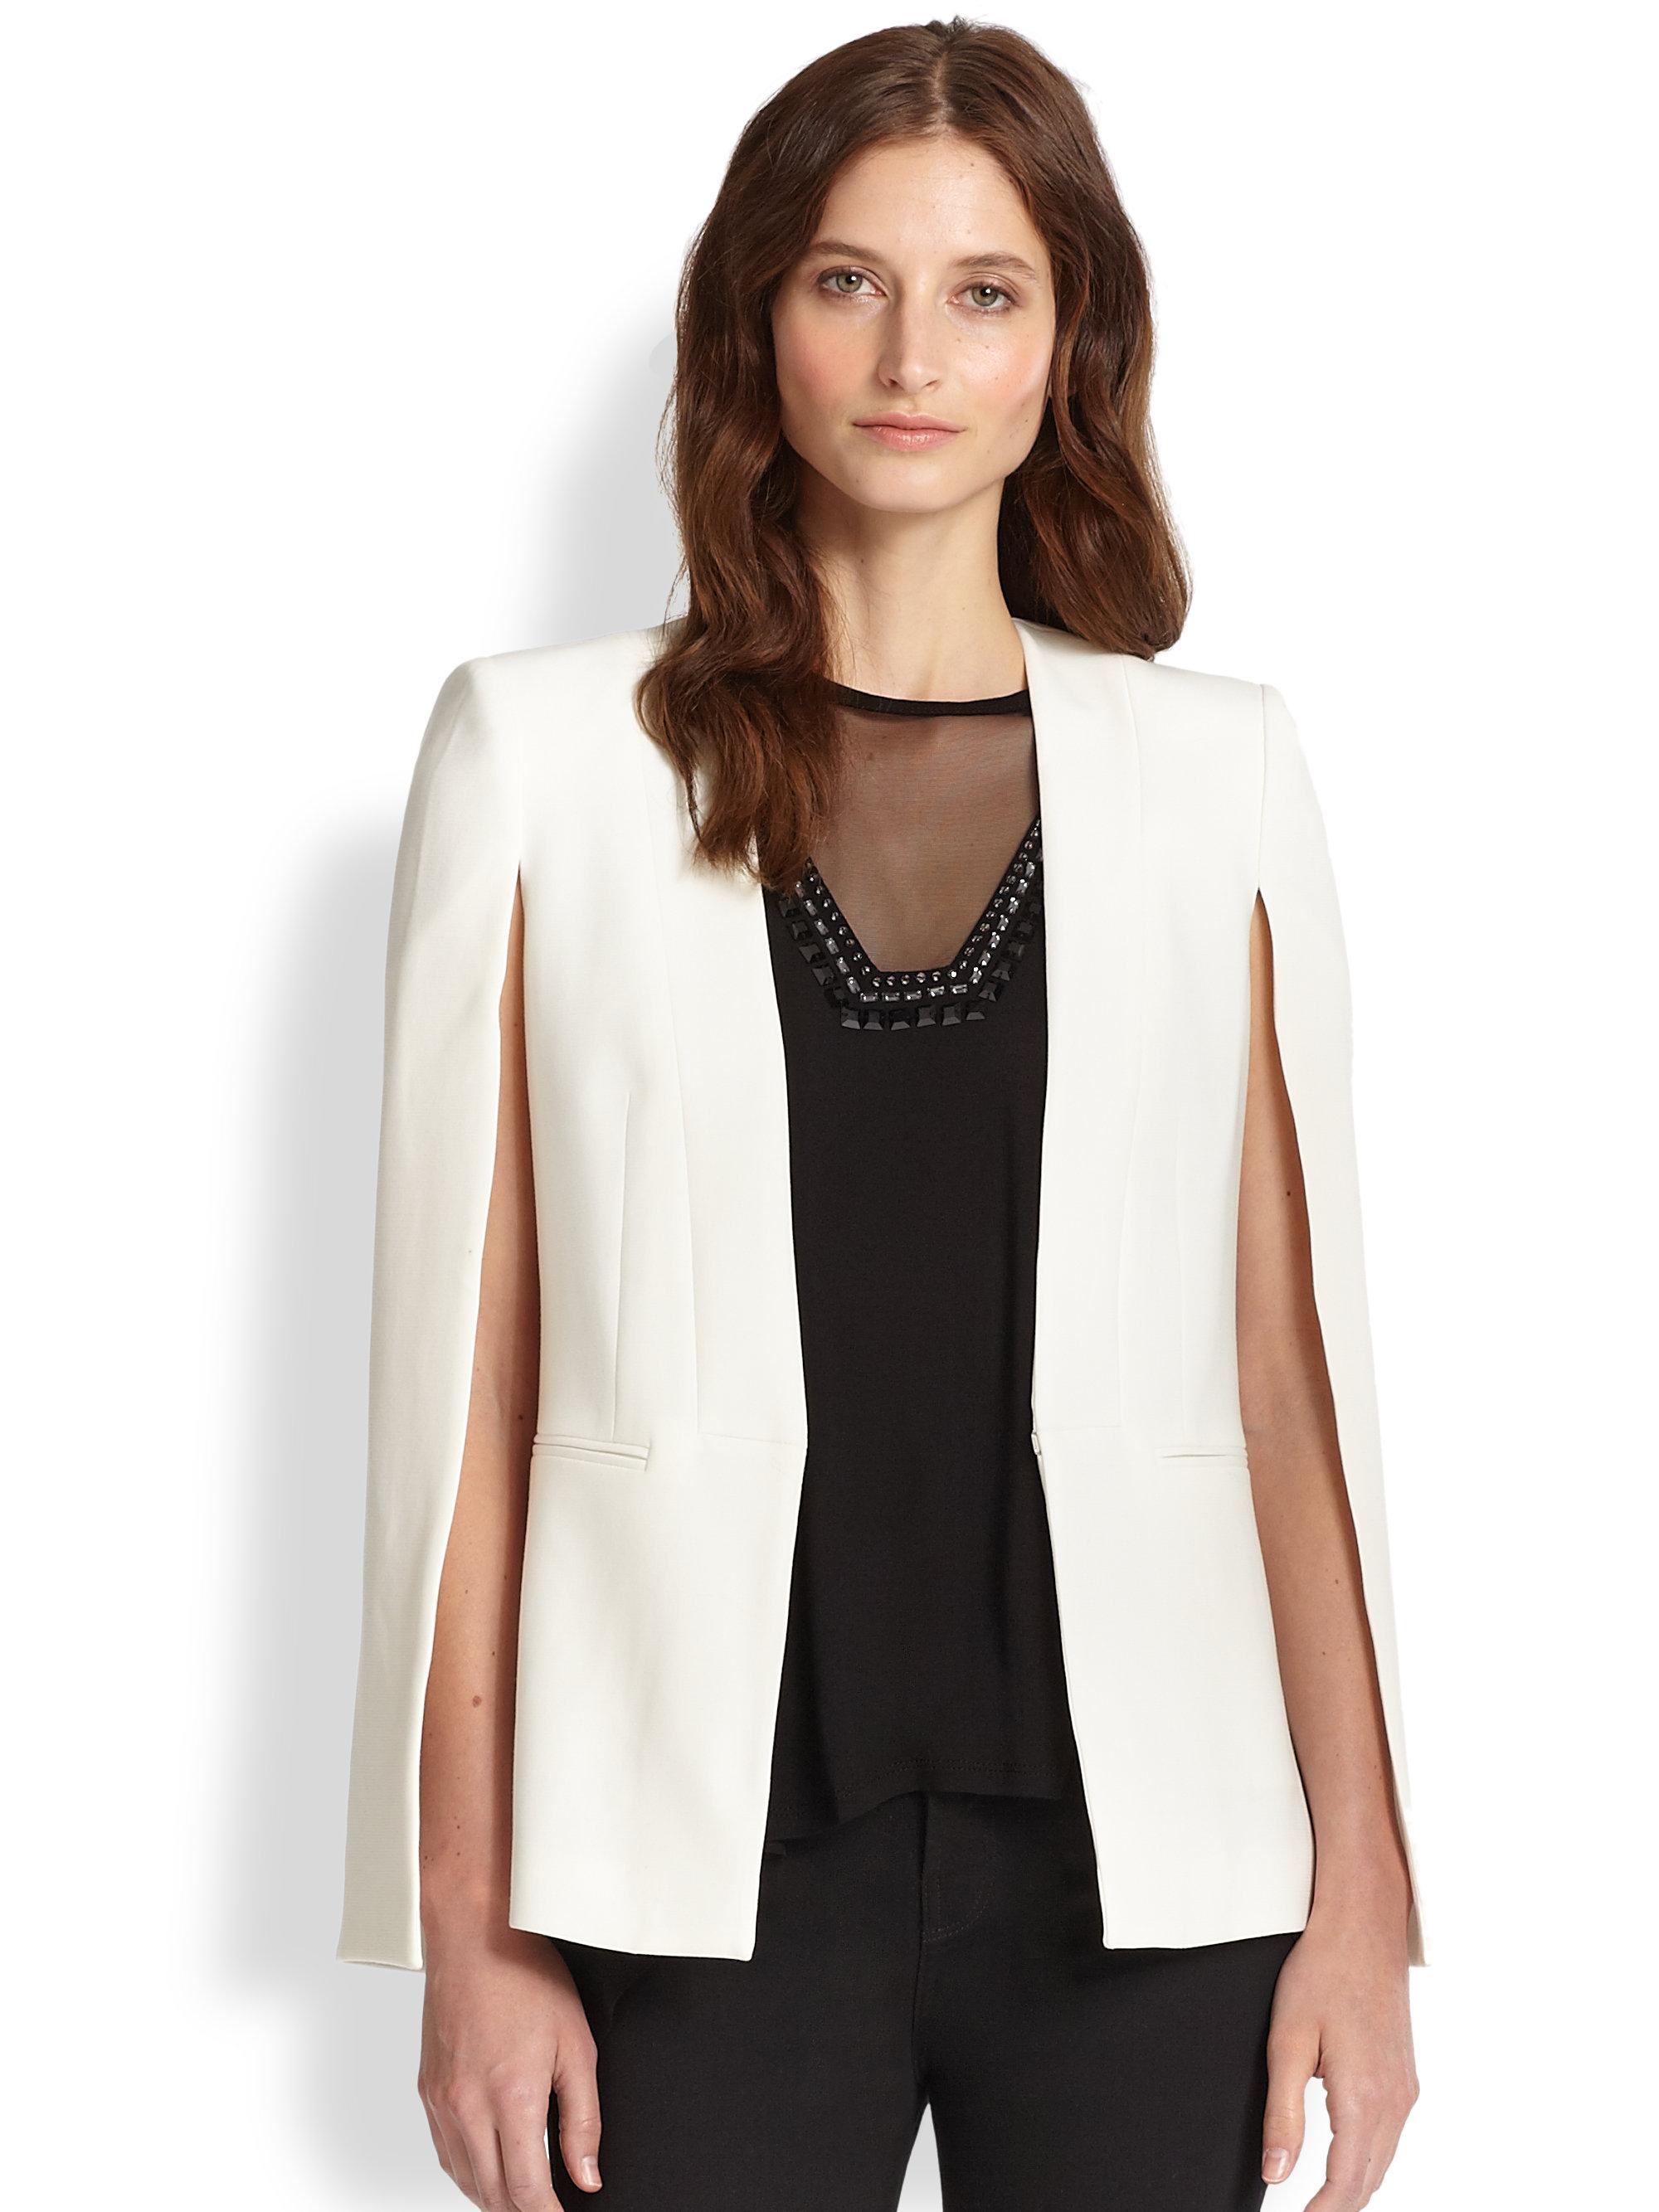 [BAL DE CLOTURE 2019] A NIGHT TO REMEMBER Bcbgmaxazria-white-cape-blazer-product-1-25630158-2-180500831-normal